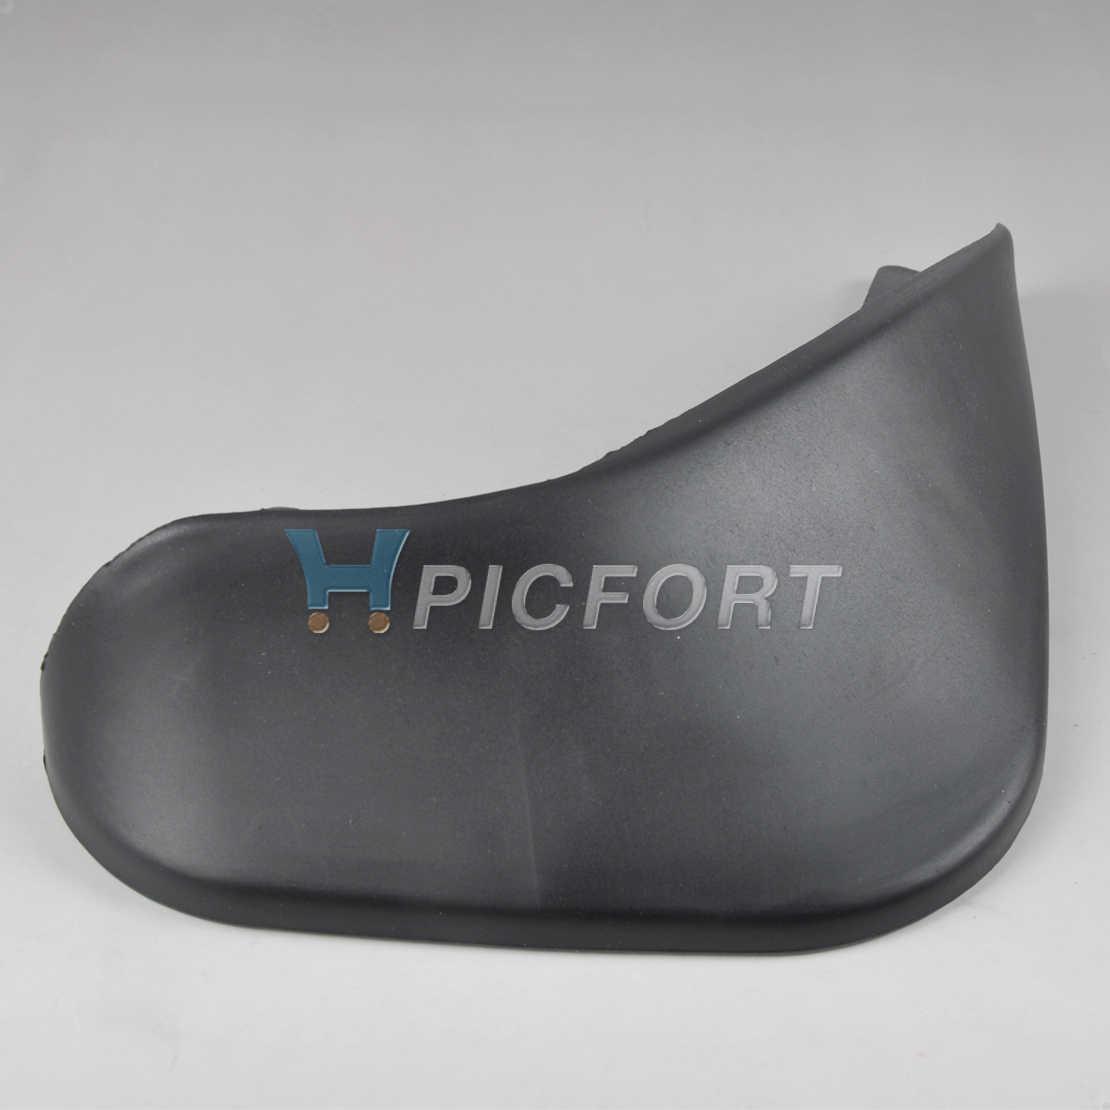 DWCX 4x araba siyah çamurluk çamur Flaps Splash muhafızları çamurluk çamurluklar çamurluklar Perfector Suzuki Swift 2011 için 2012 2013